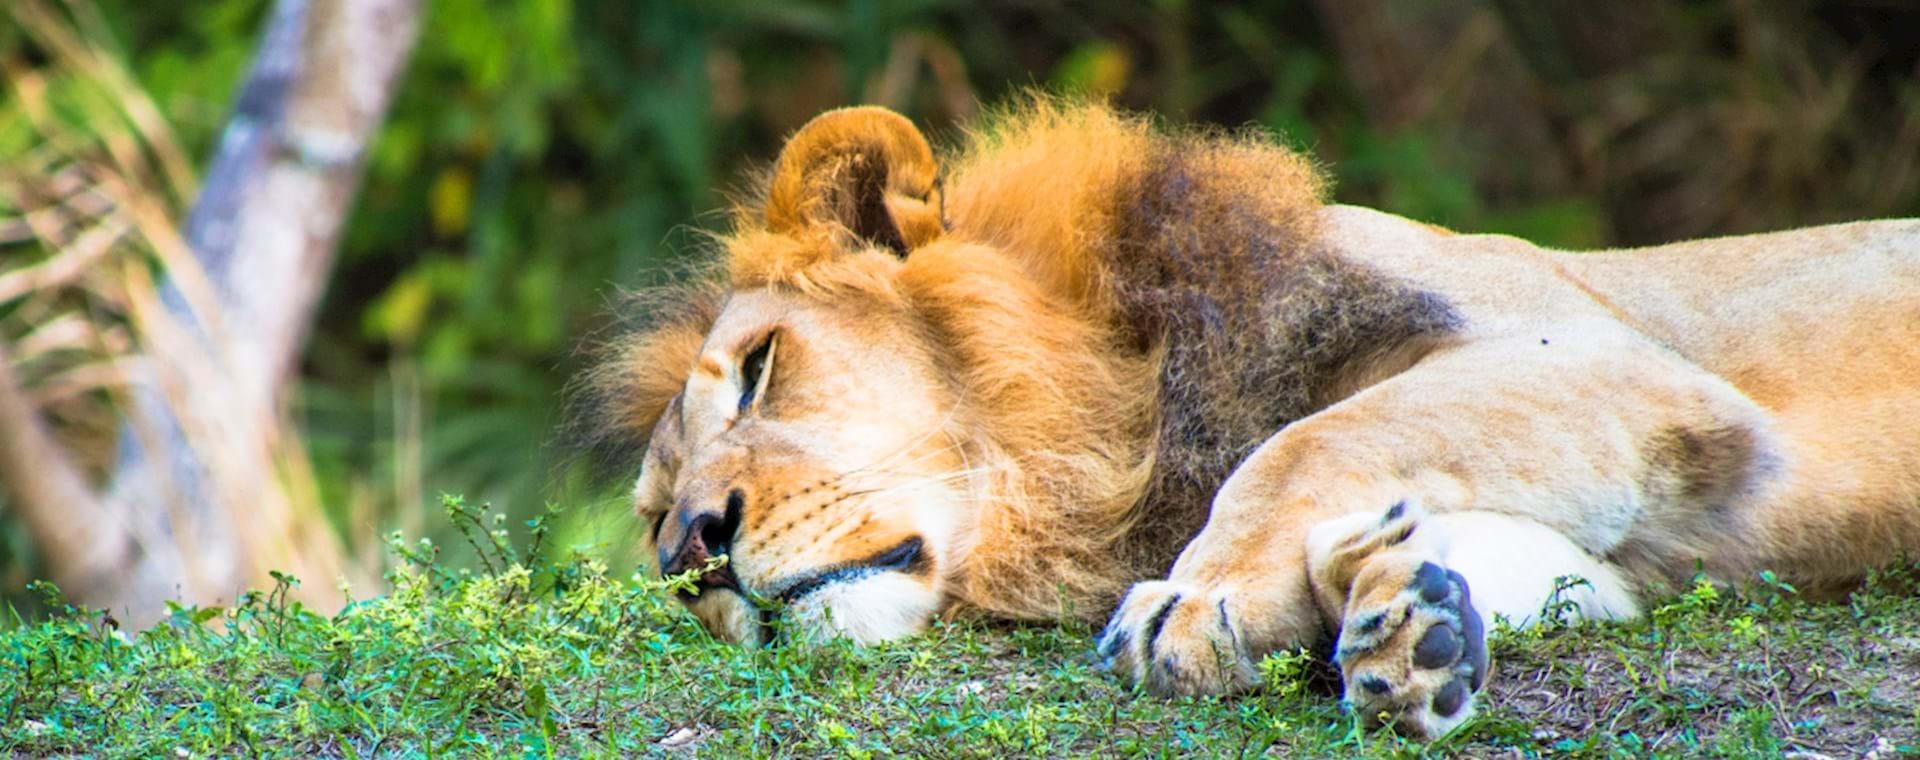 Lion having a rest